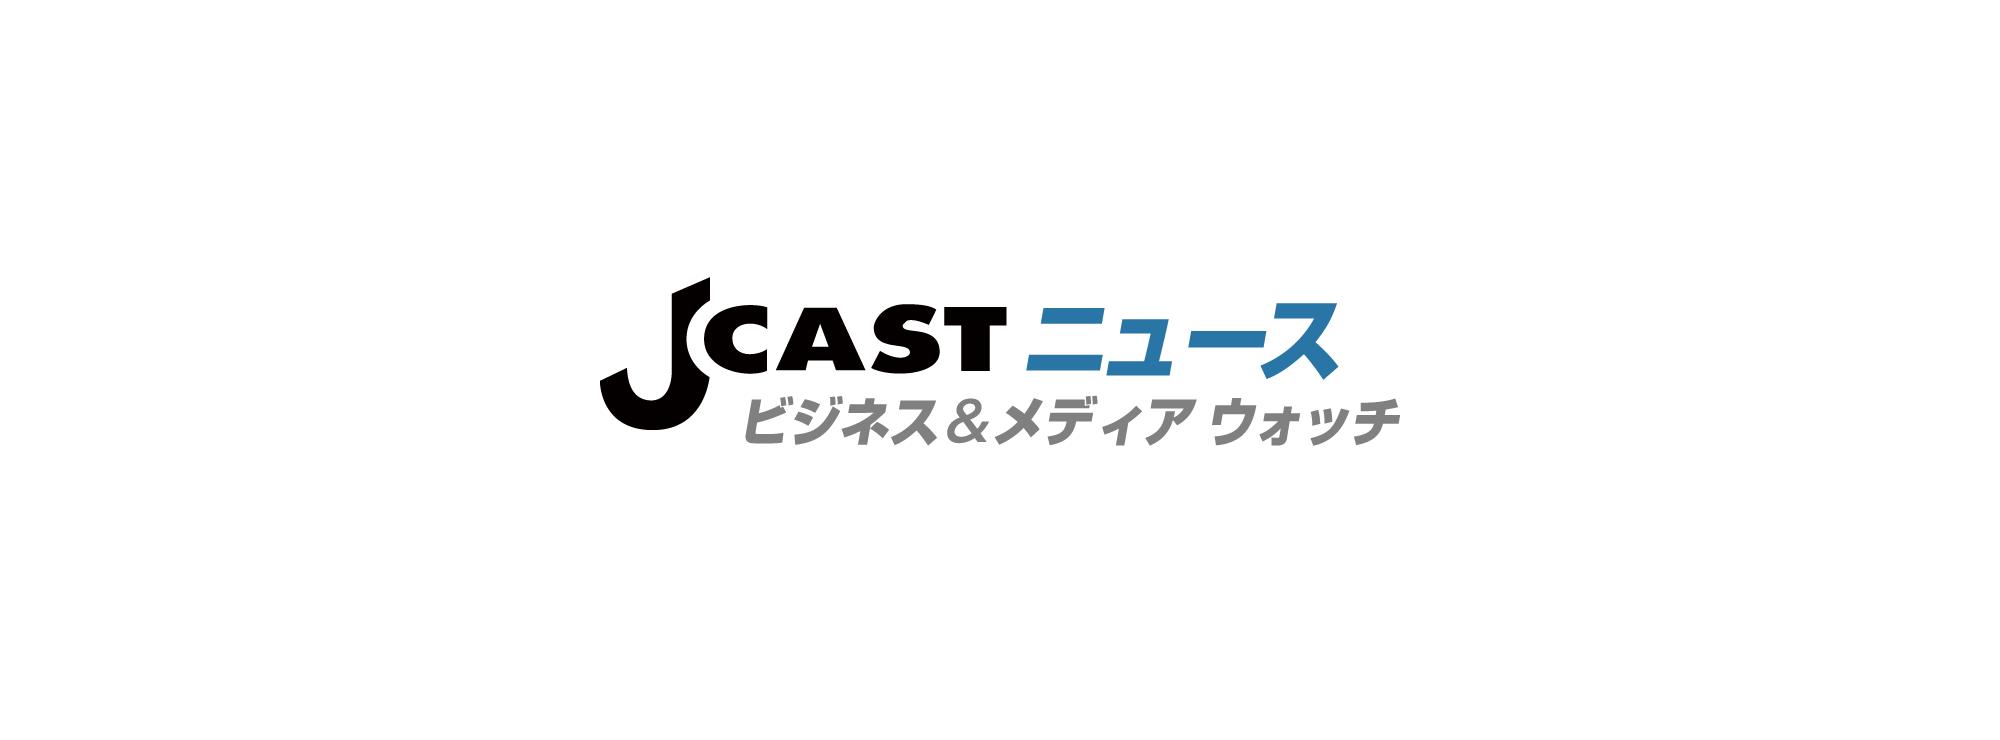 全文表示 | 矢田亜希子「はじめまして」に大竹しのぶ絶句 笑っていいとも!「友達の輪」はウソだった : J-CASTニュース